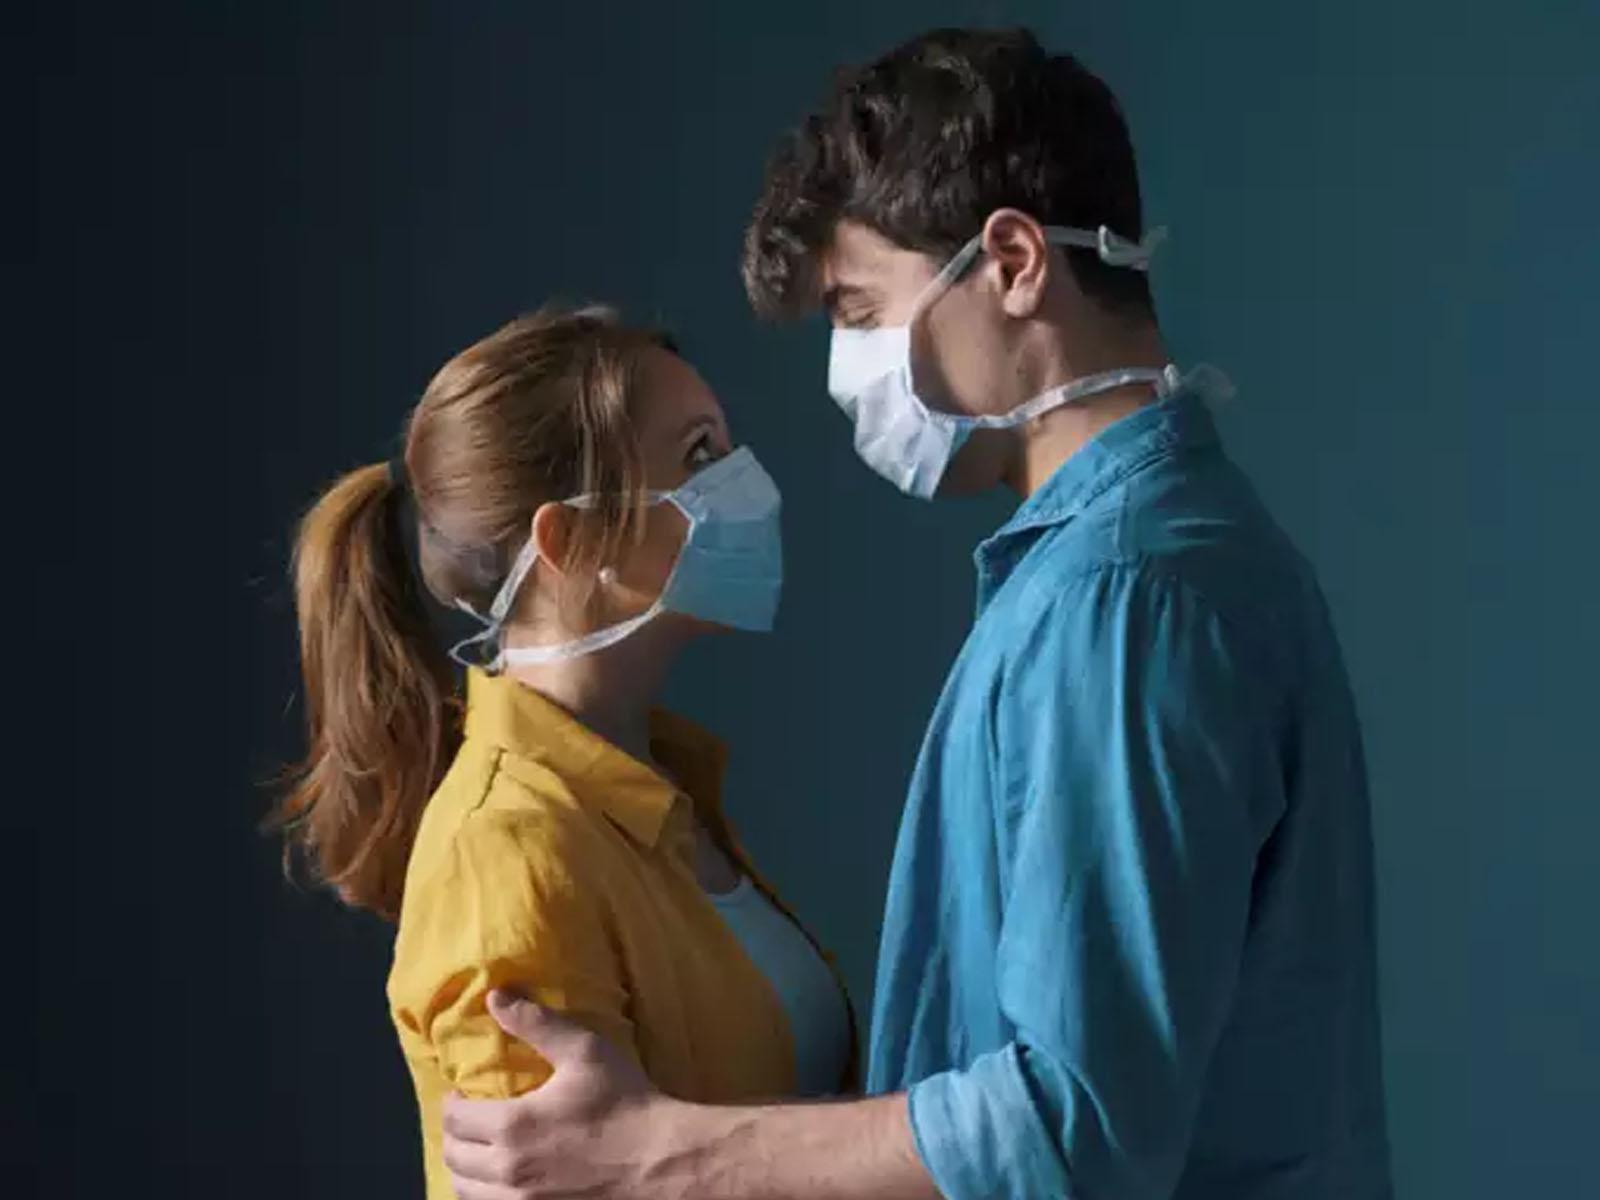 تصویر از دانشگاه هاروارد توصیه کرد : هنگام روابط جنسی هم ماسک صورت بزنید